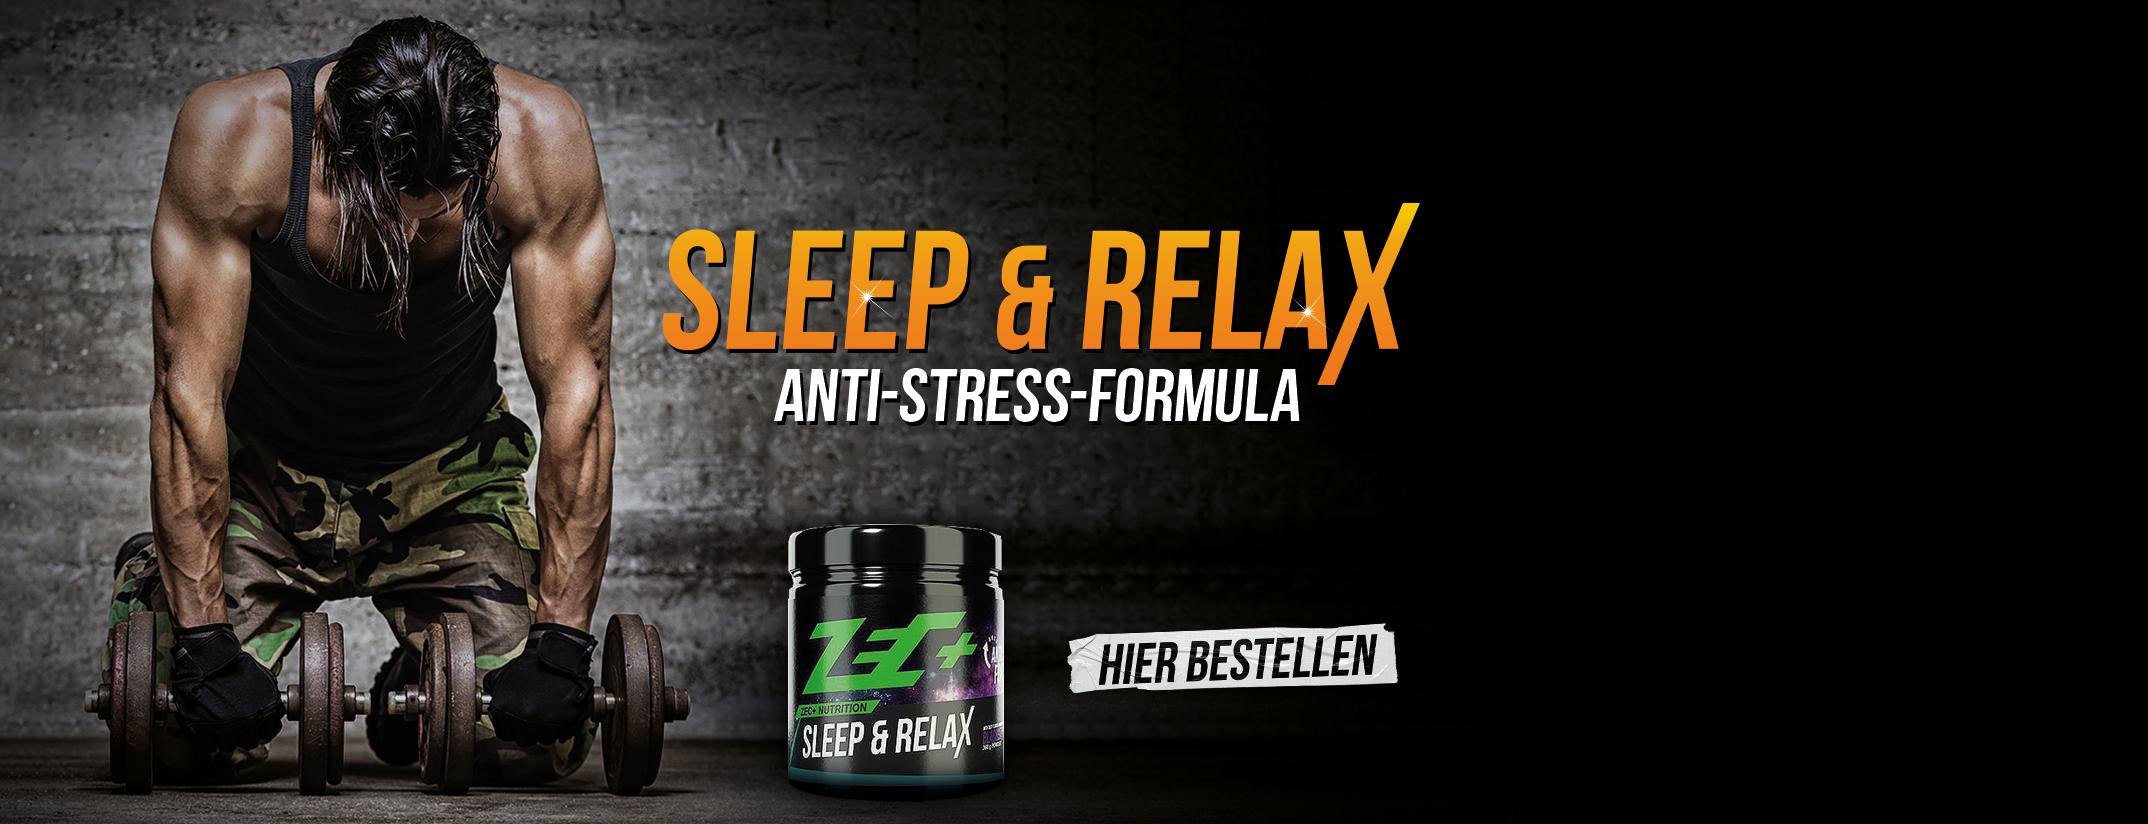 Sleep & Relax Anti Stress Formula von ZEC+ im Online Shop günstig kaufen